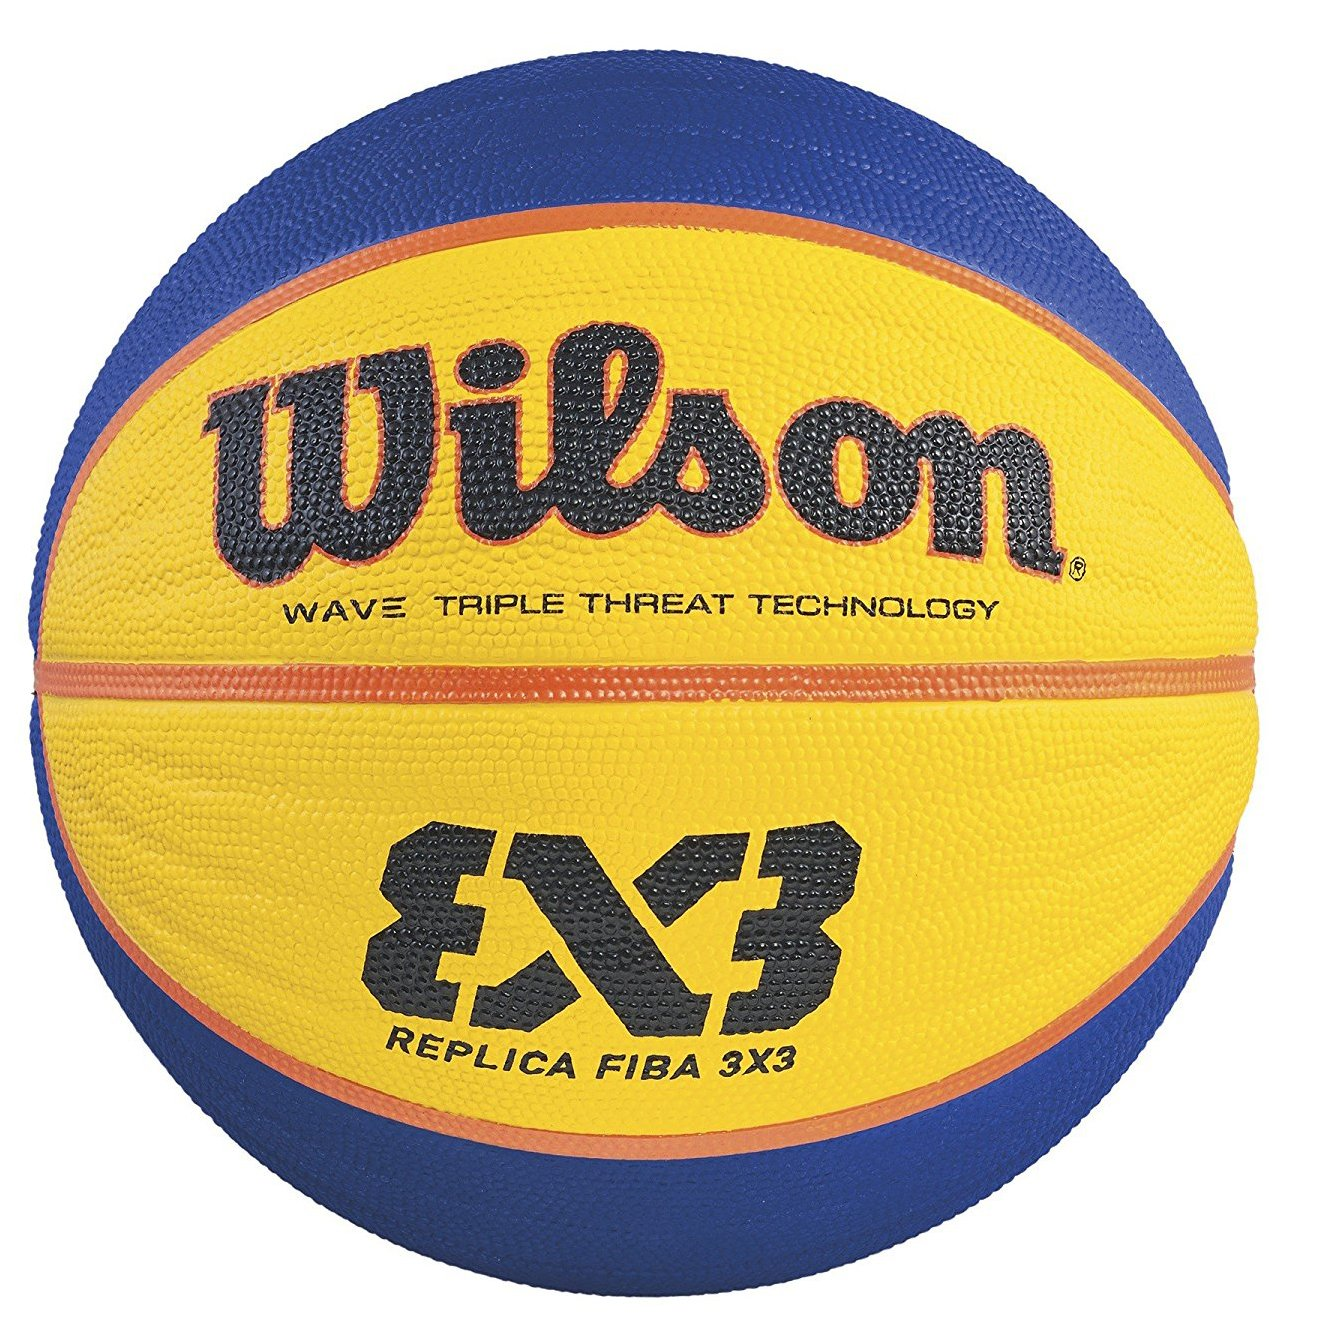 Wilson Ballon Basketball Intérieur, Compétition 3vs3, Homologué FIBA, Parquets Sportifs, Sols Granulaires, en PVC ou en Linoléum, Taille 6, De 8 à 12 ans, FIBA 3X3 REPLICA GAME BALL, Orange, WTB1033XB WTB1033ID ballon de basket ballon anniversaire ballon d